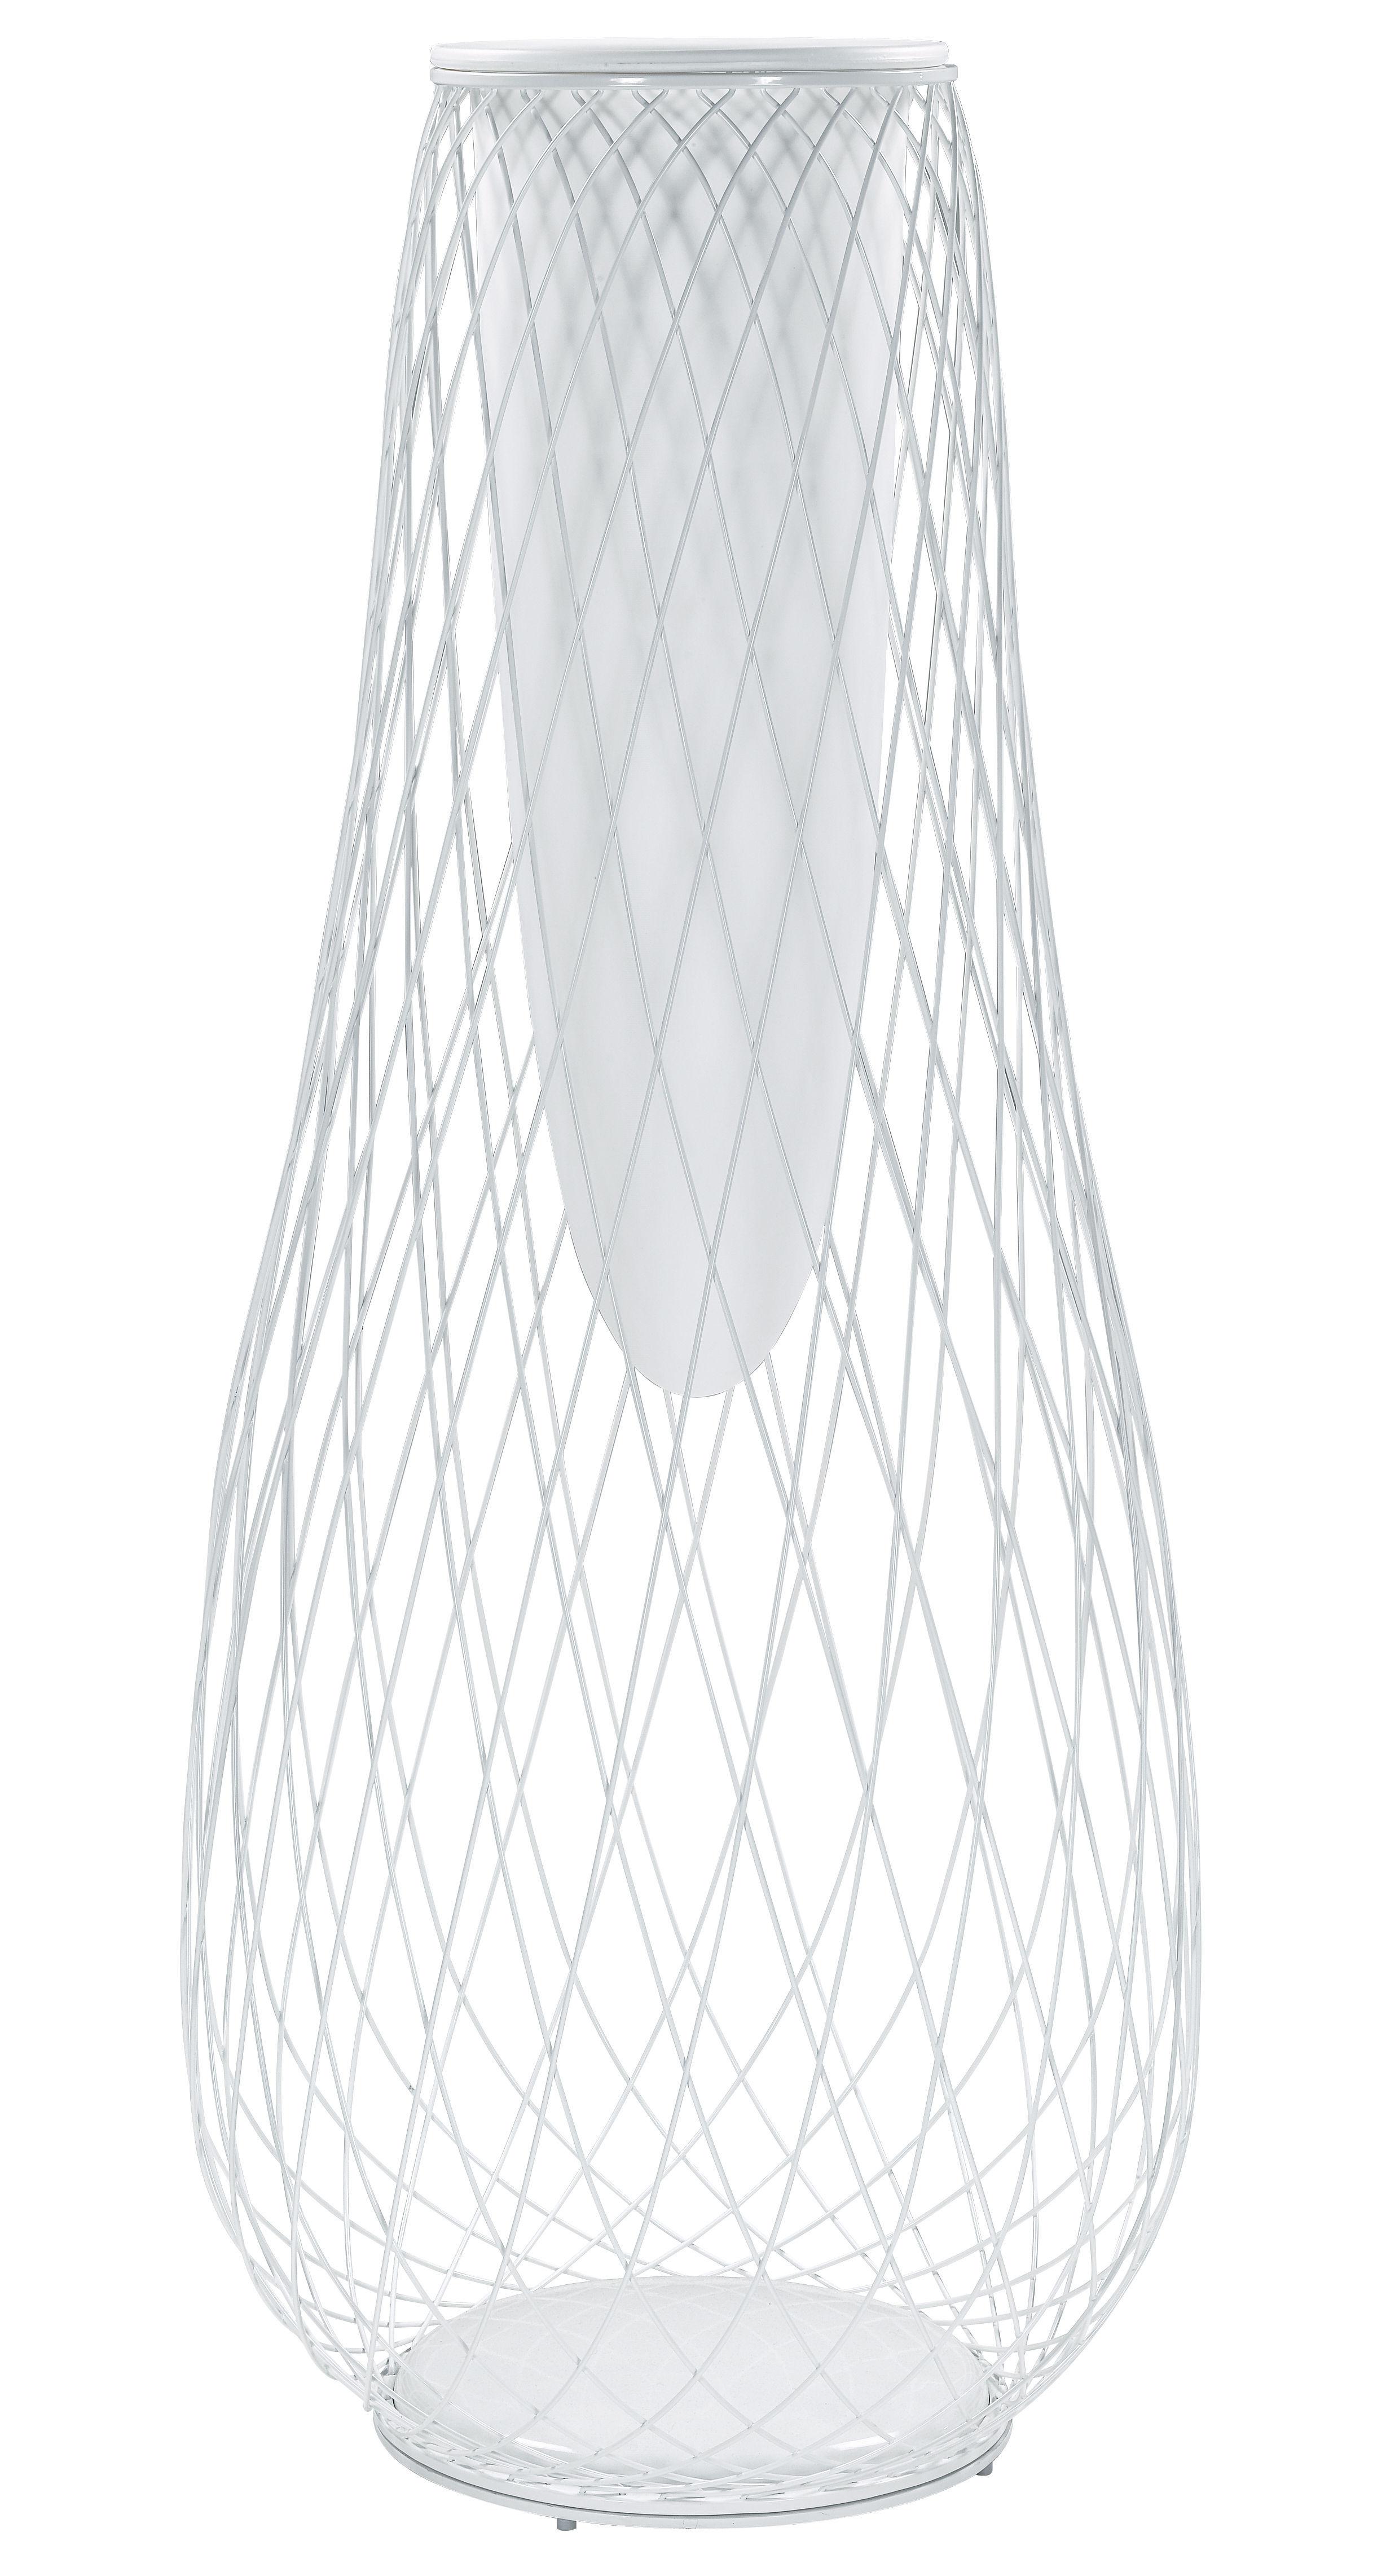 Jardin - Pots et plantes - Jardinière Heaven - Emu - H 163 cm / Blanc mat - Acier, Plastique